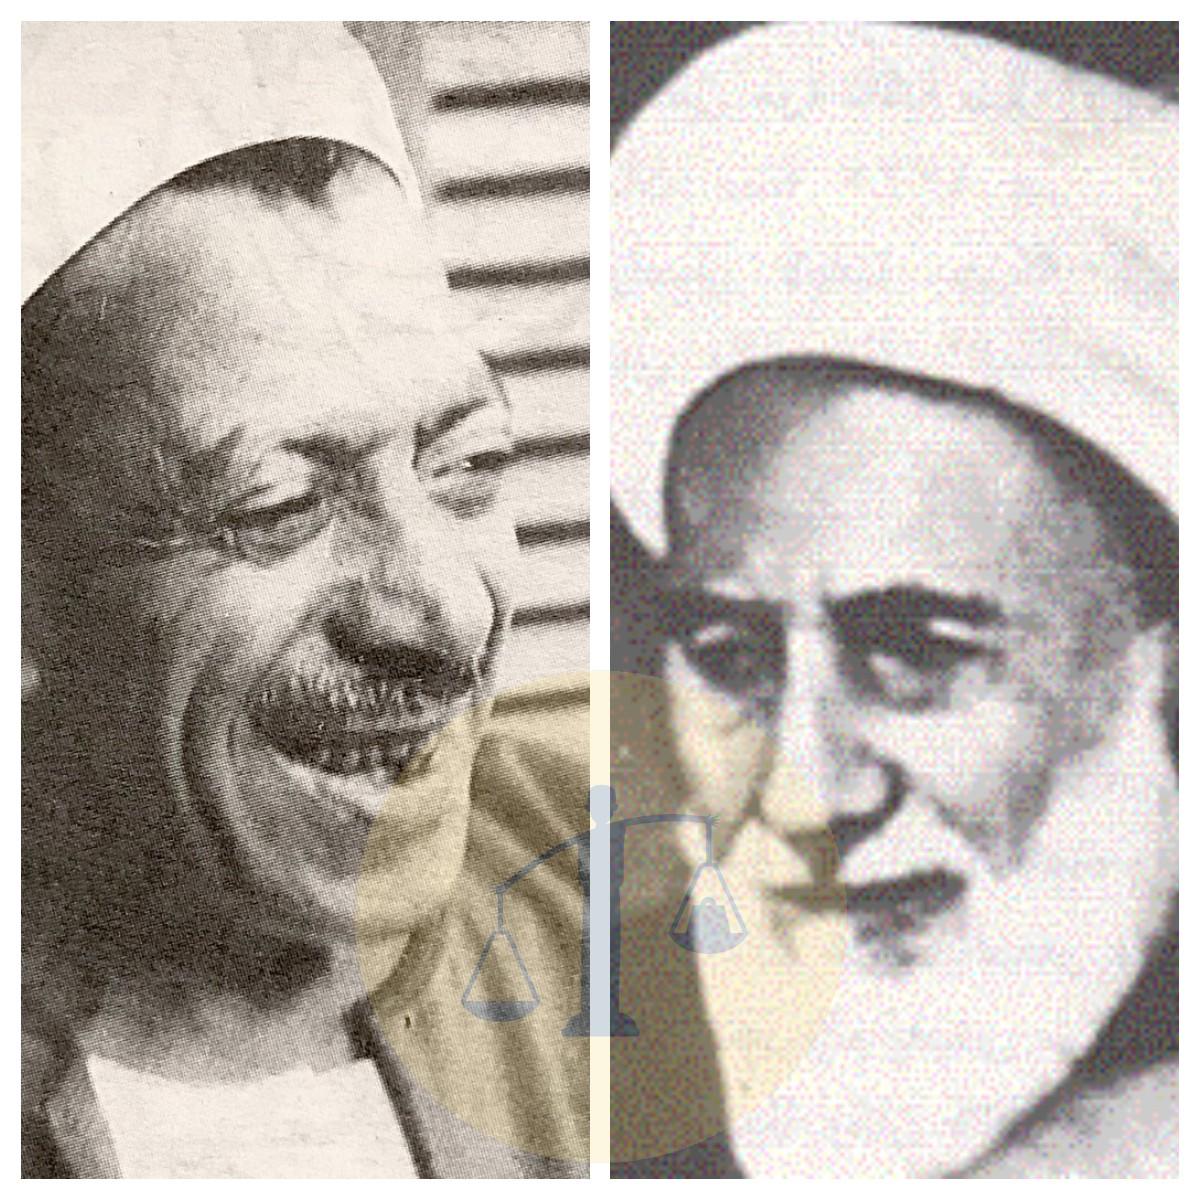 الشيخ سليم البشري - الشيخ عبدالعزيز البشري